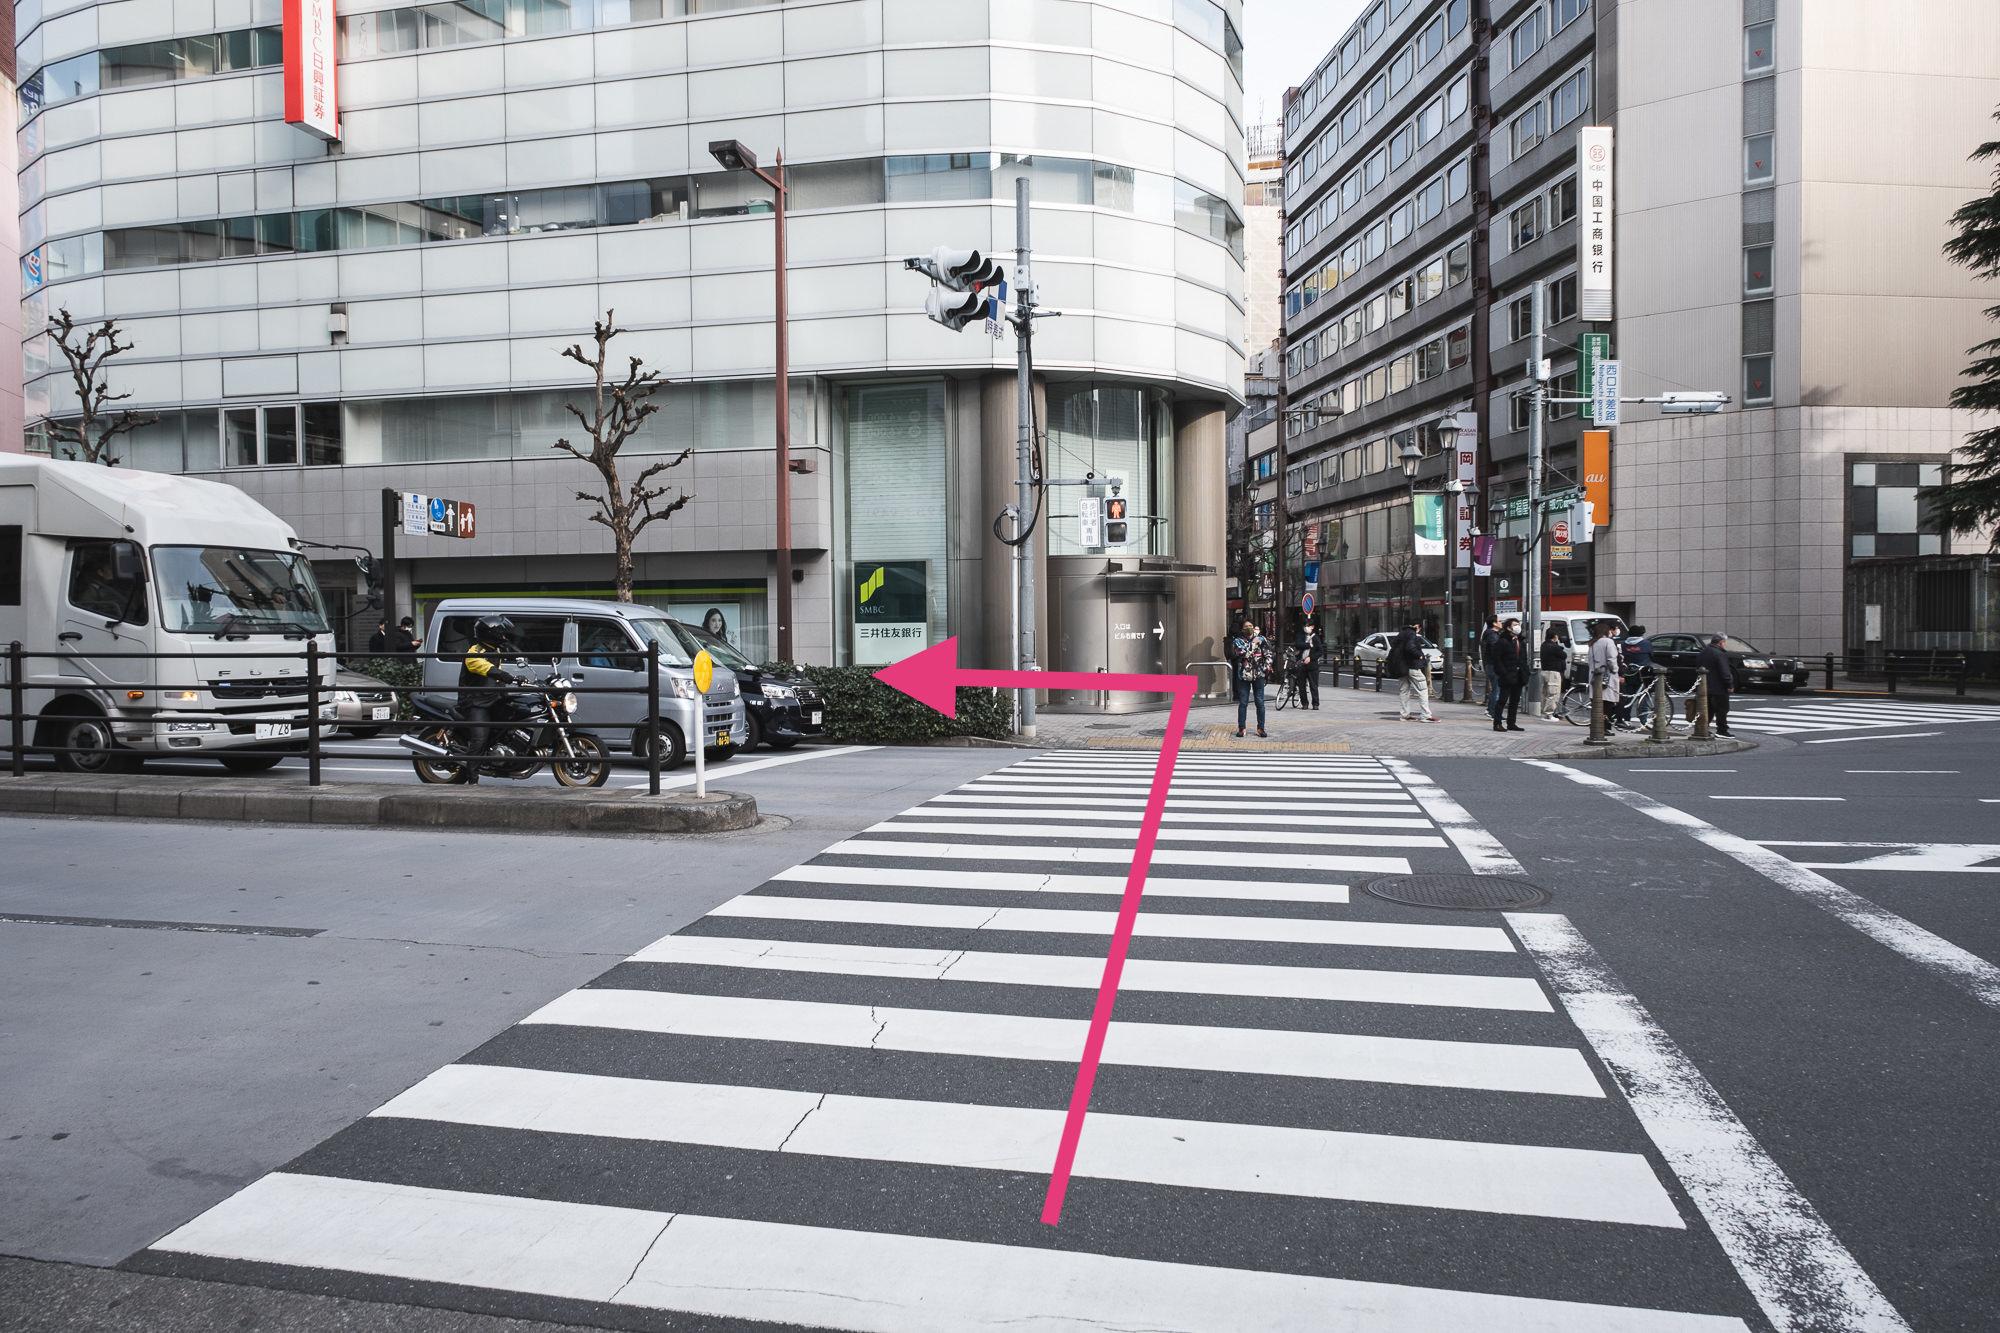 正面の信号を「三井住友銀行」の方へ渡り左に曲がります。